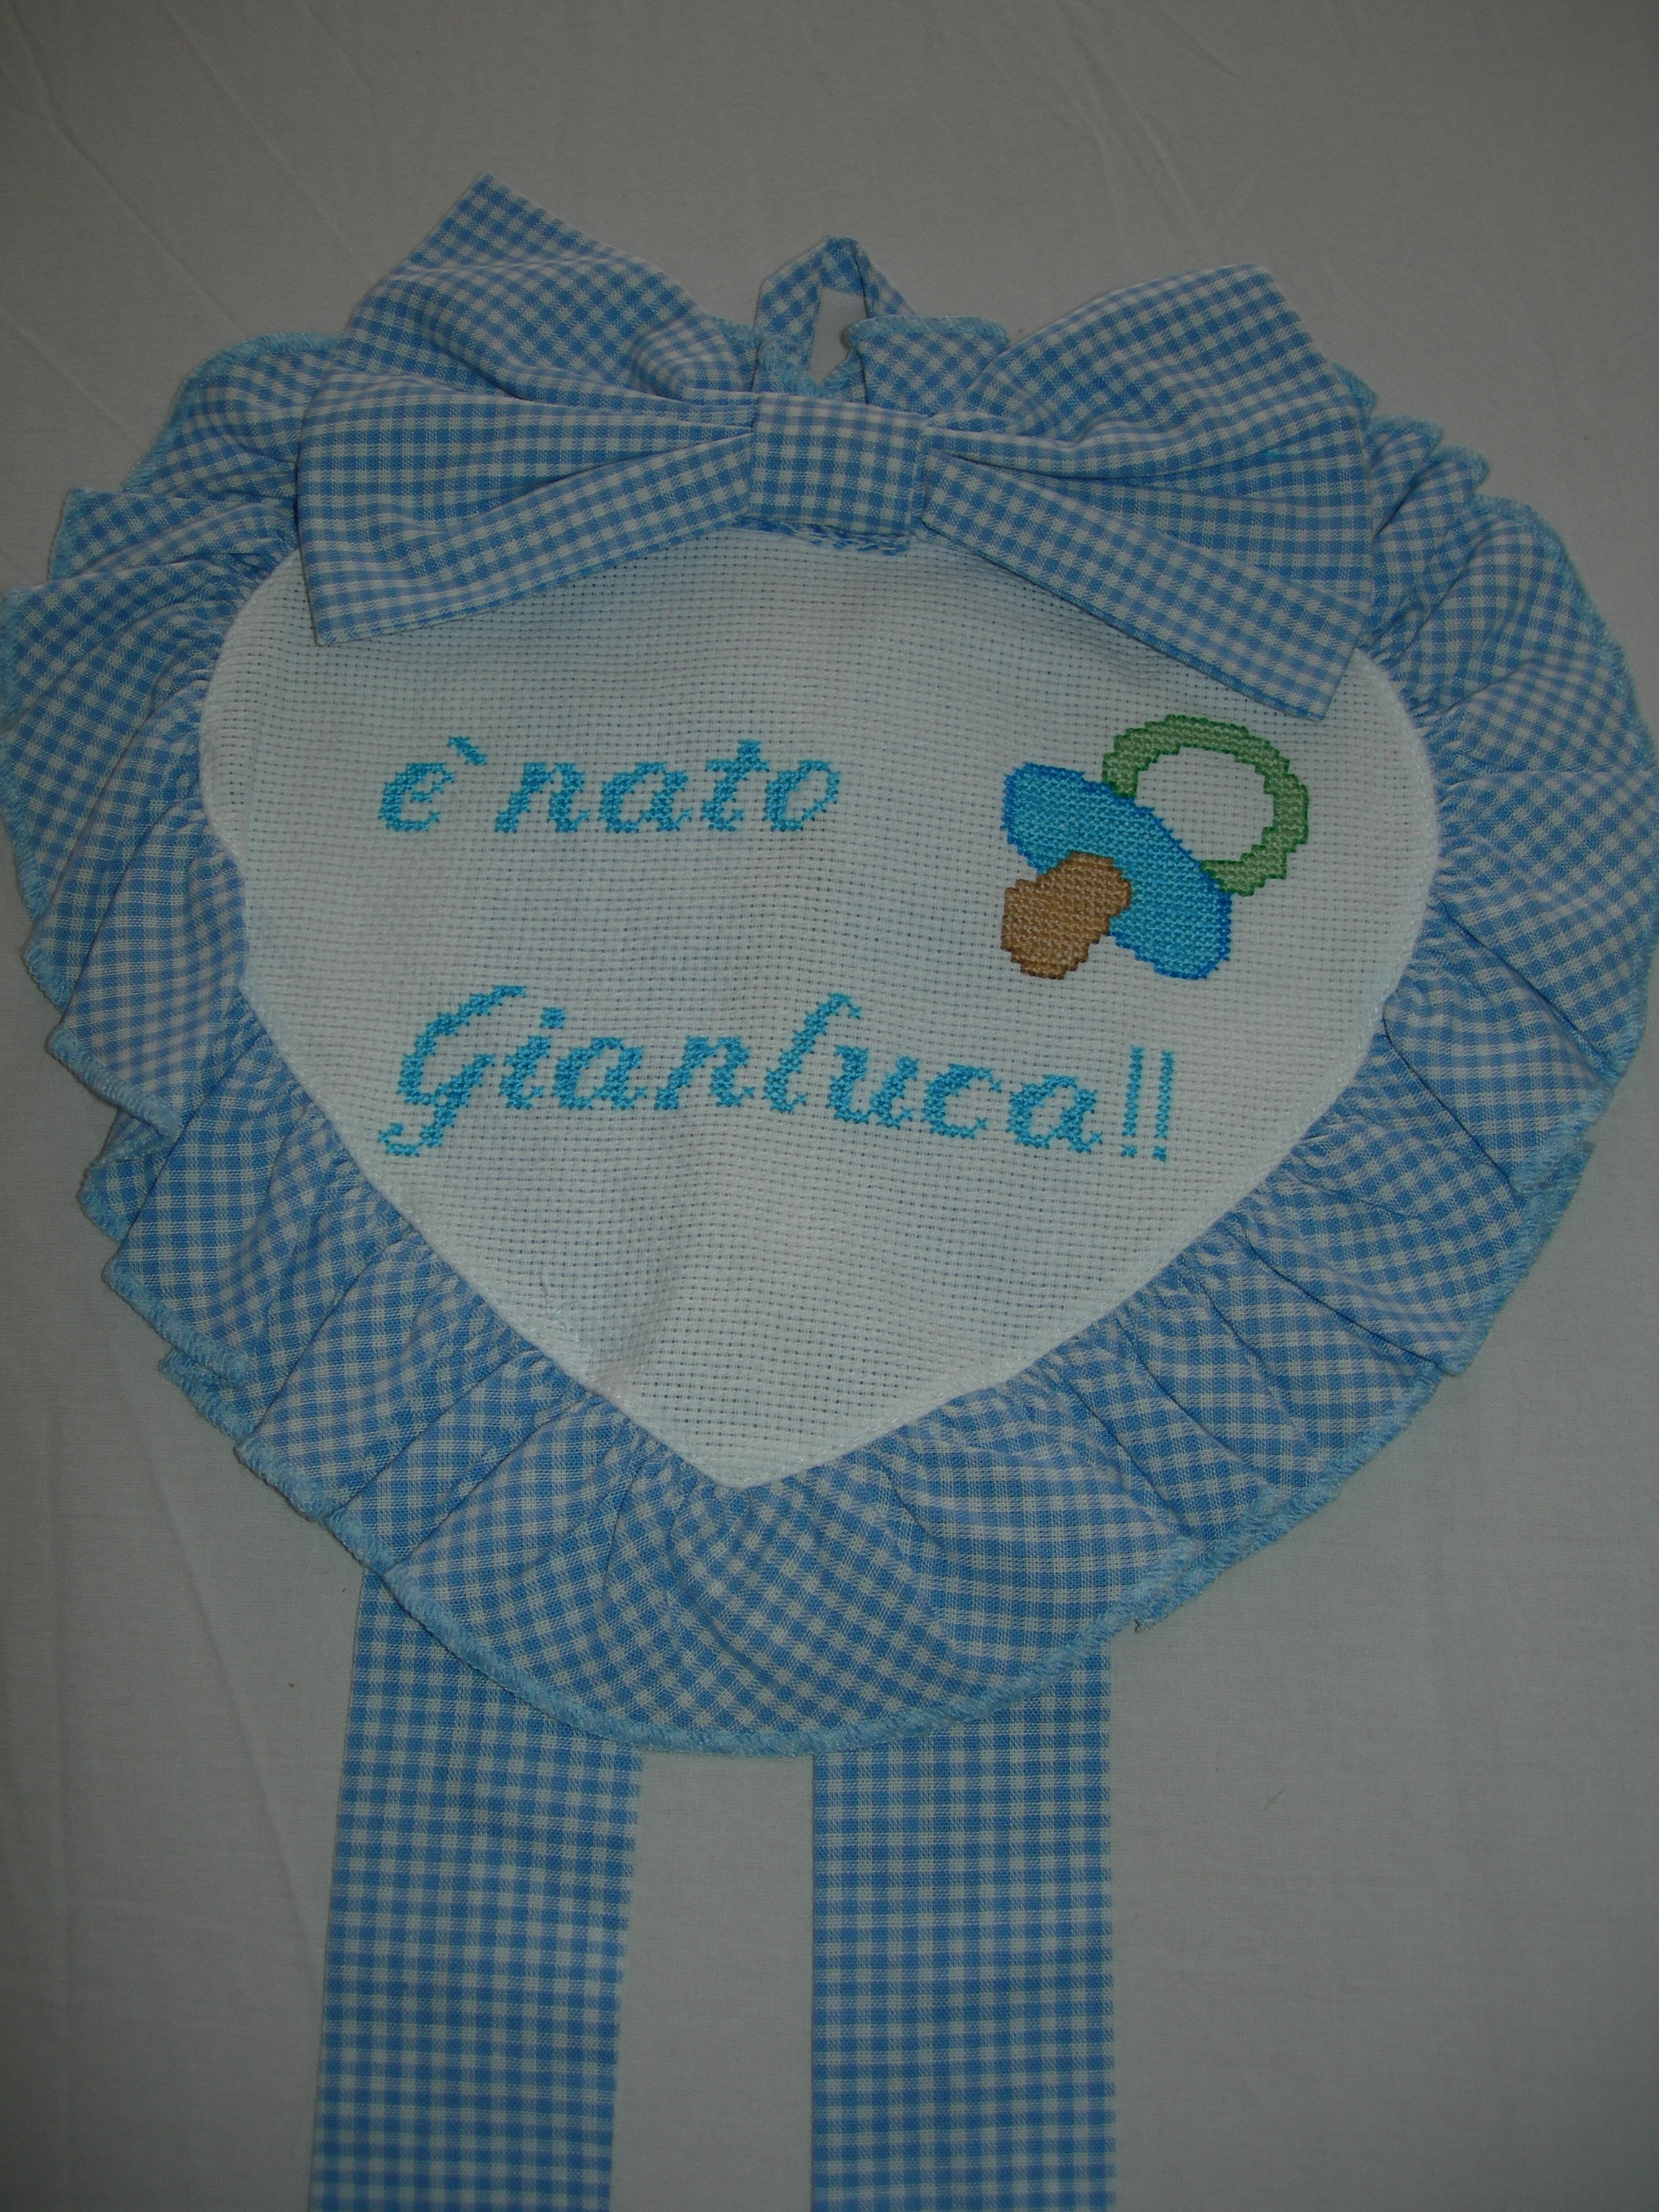 Fiocco Nascita Dallalbum Di Pulcino80